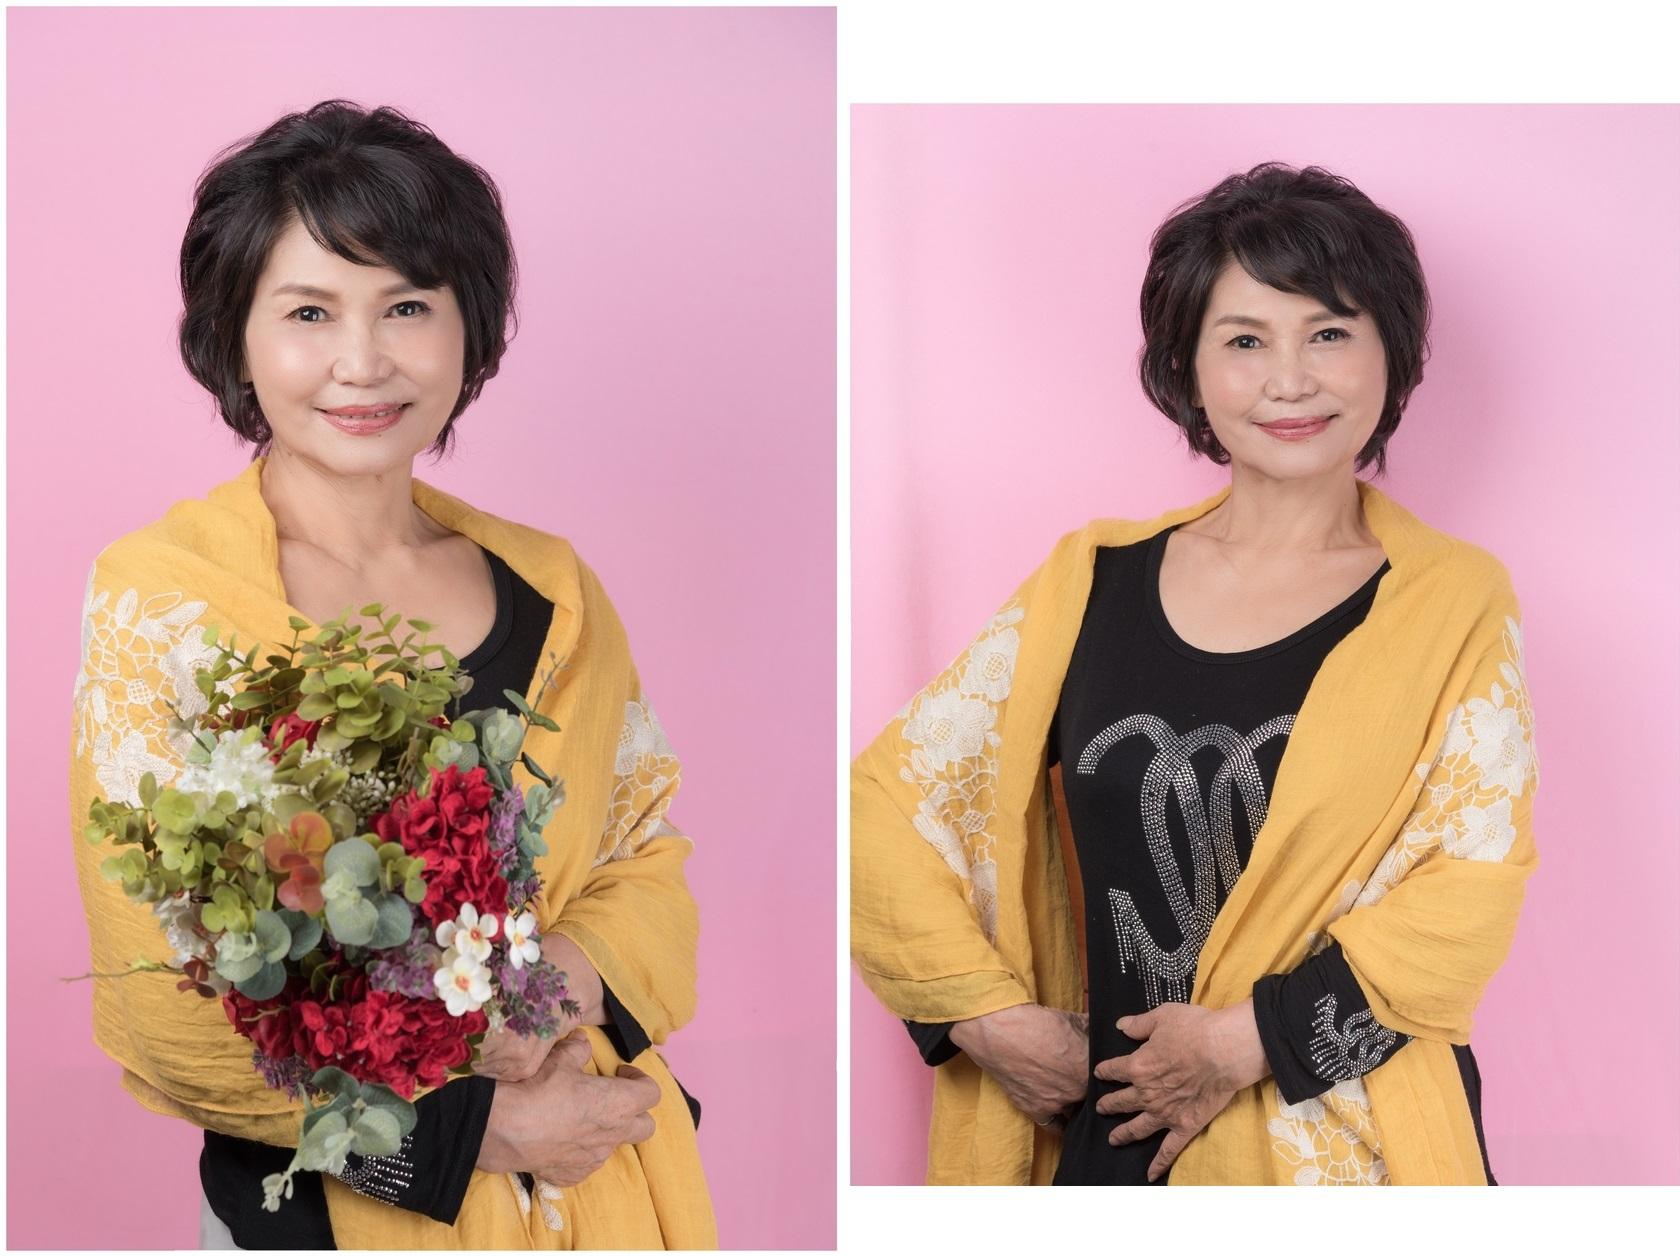 婆婆妝 媽媽妝髮造型 新娘秘書基礎班教學